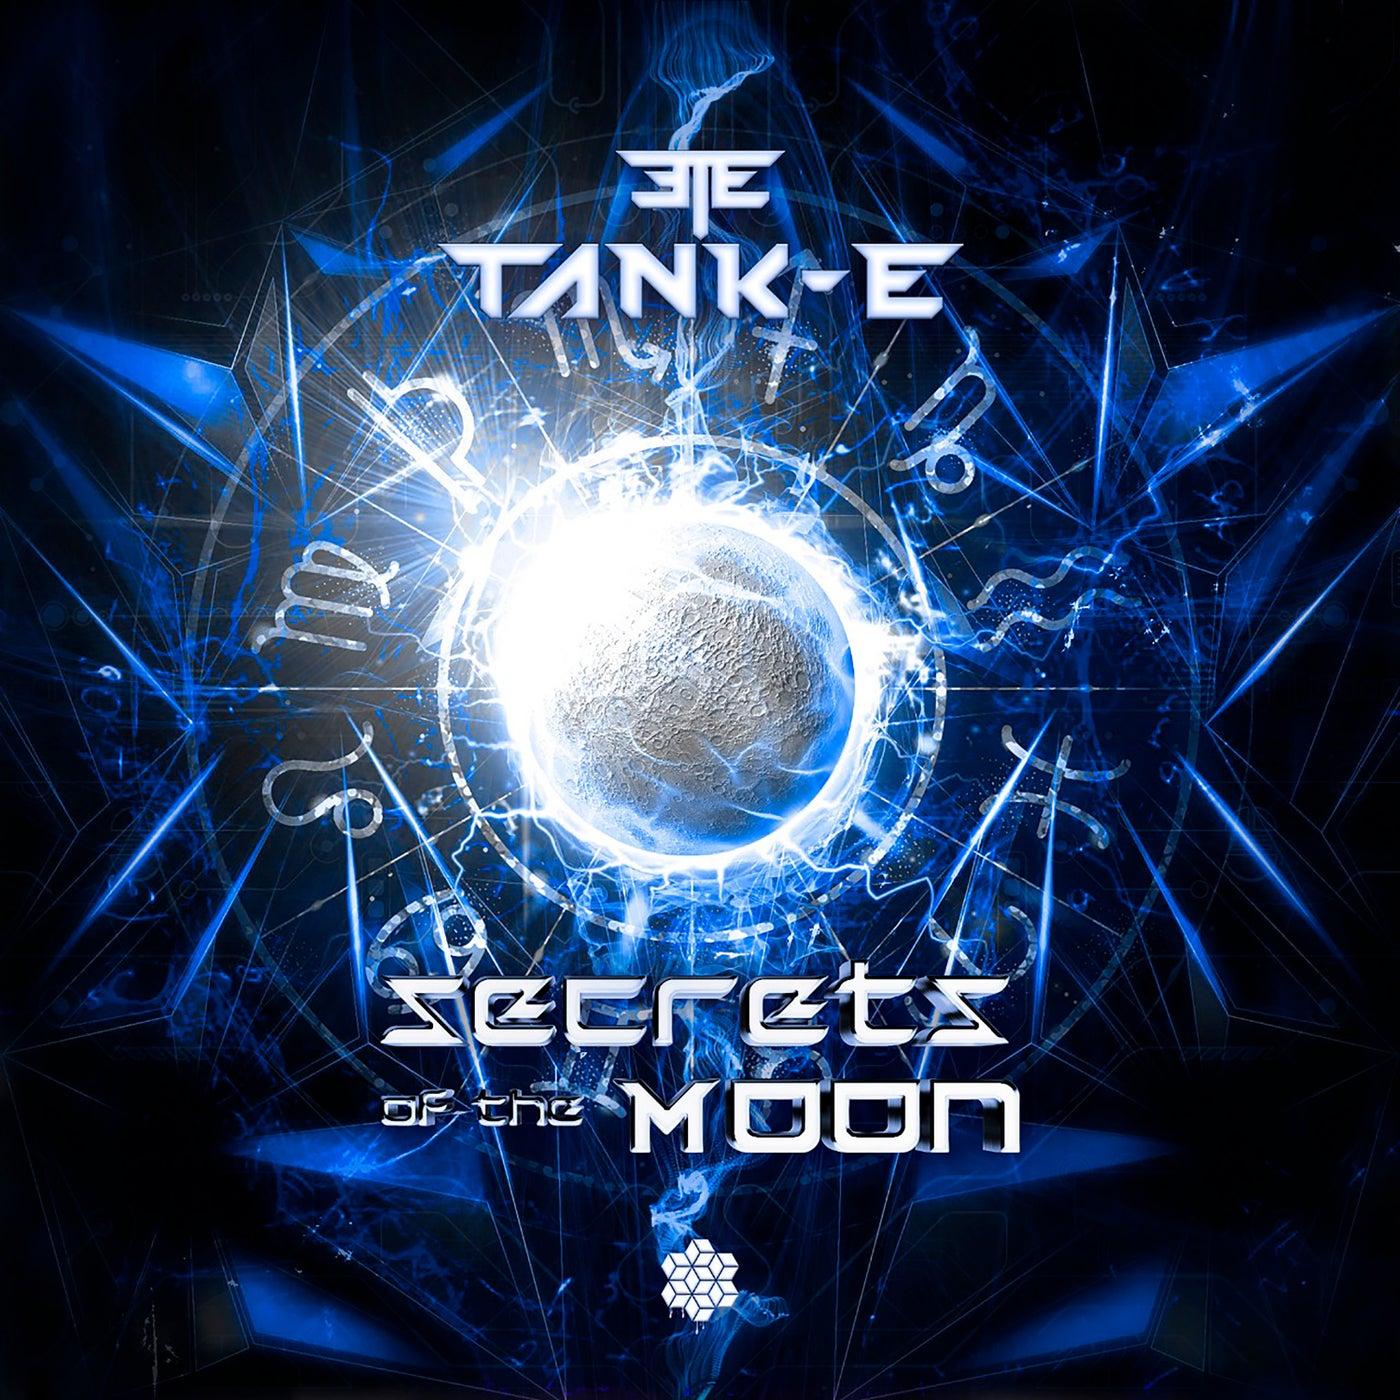 Secrets Of The Moon (Original Mix)